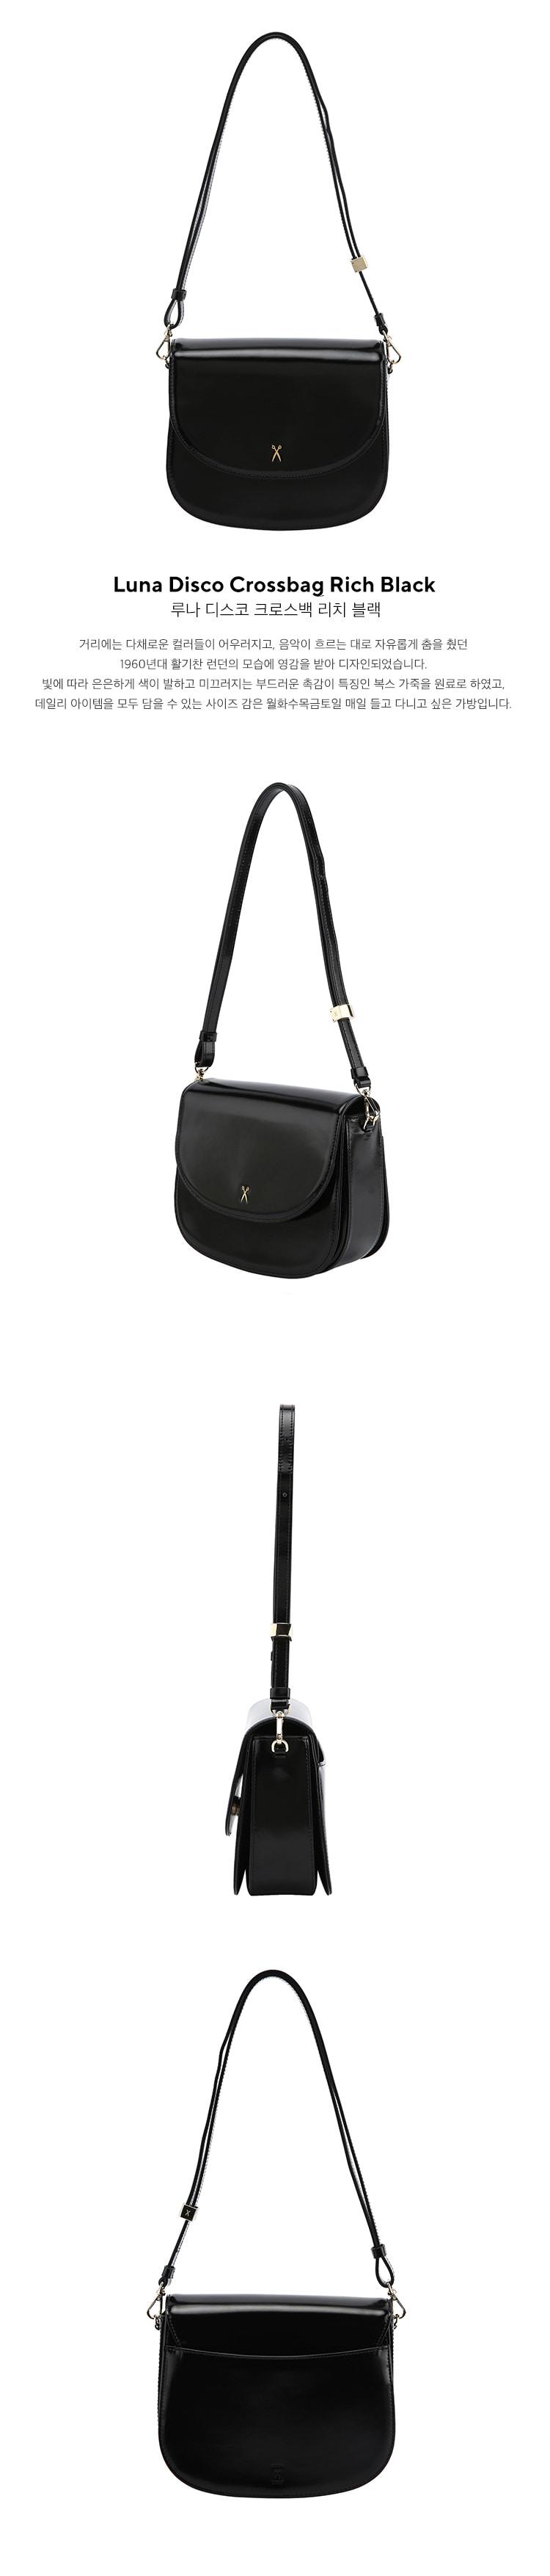 조셉앤스테이시(JOSEPH&STACEY) Luna Disco Cross Bag Rich Black